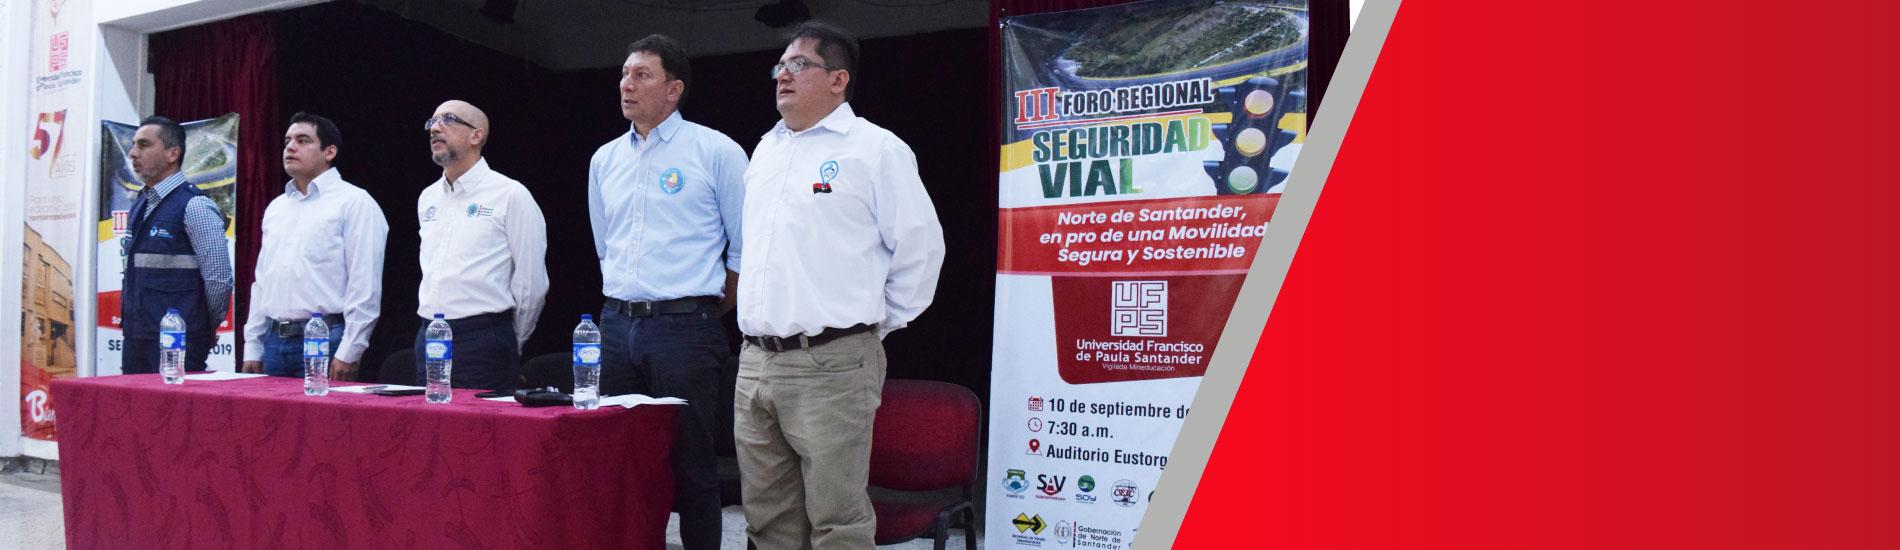 III Foro Departamental de Seguridad Vial contextualizó nuevas estrategias para la prevención y disminución de accidentes viales